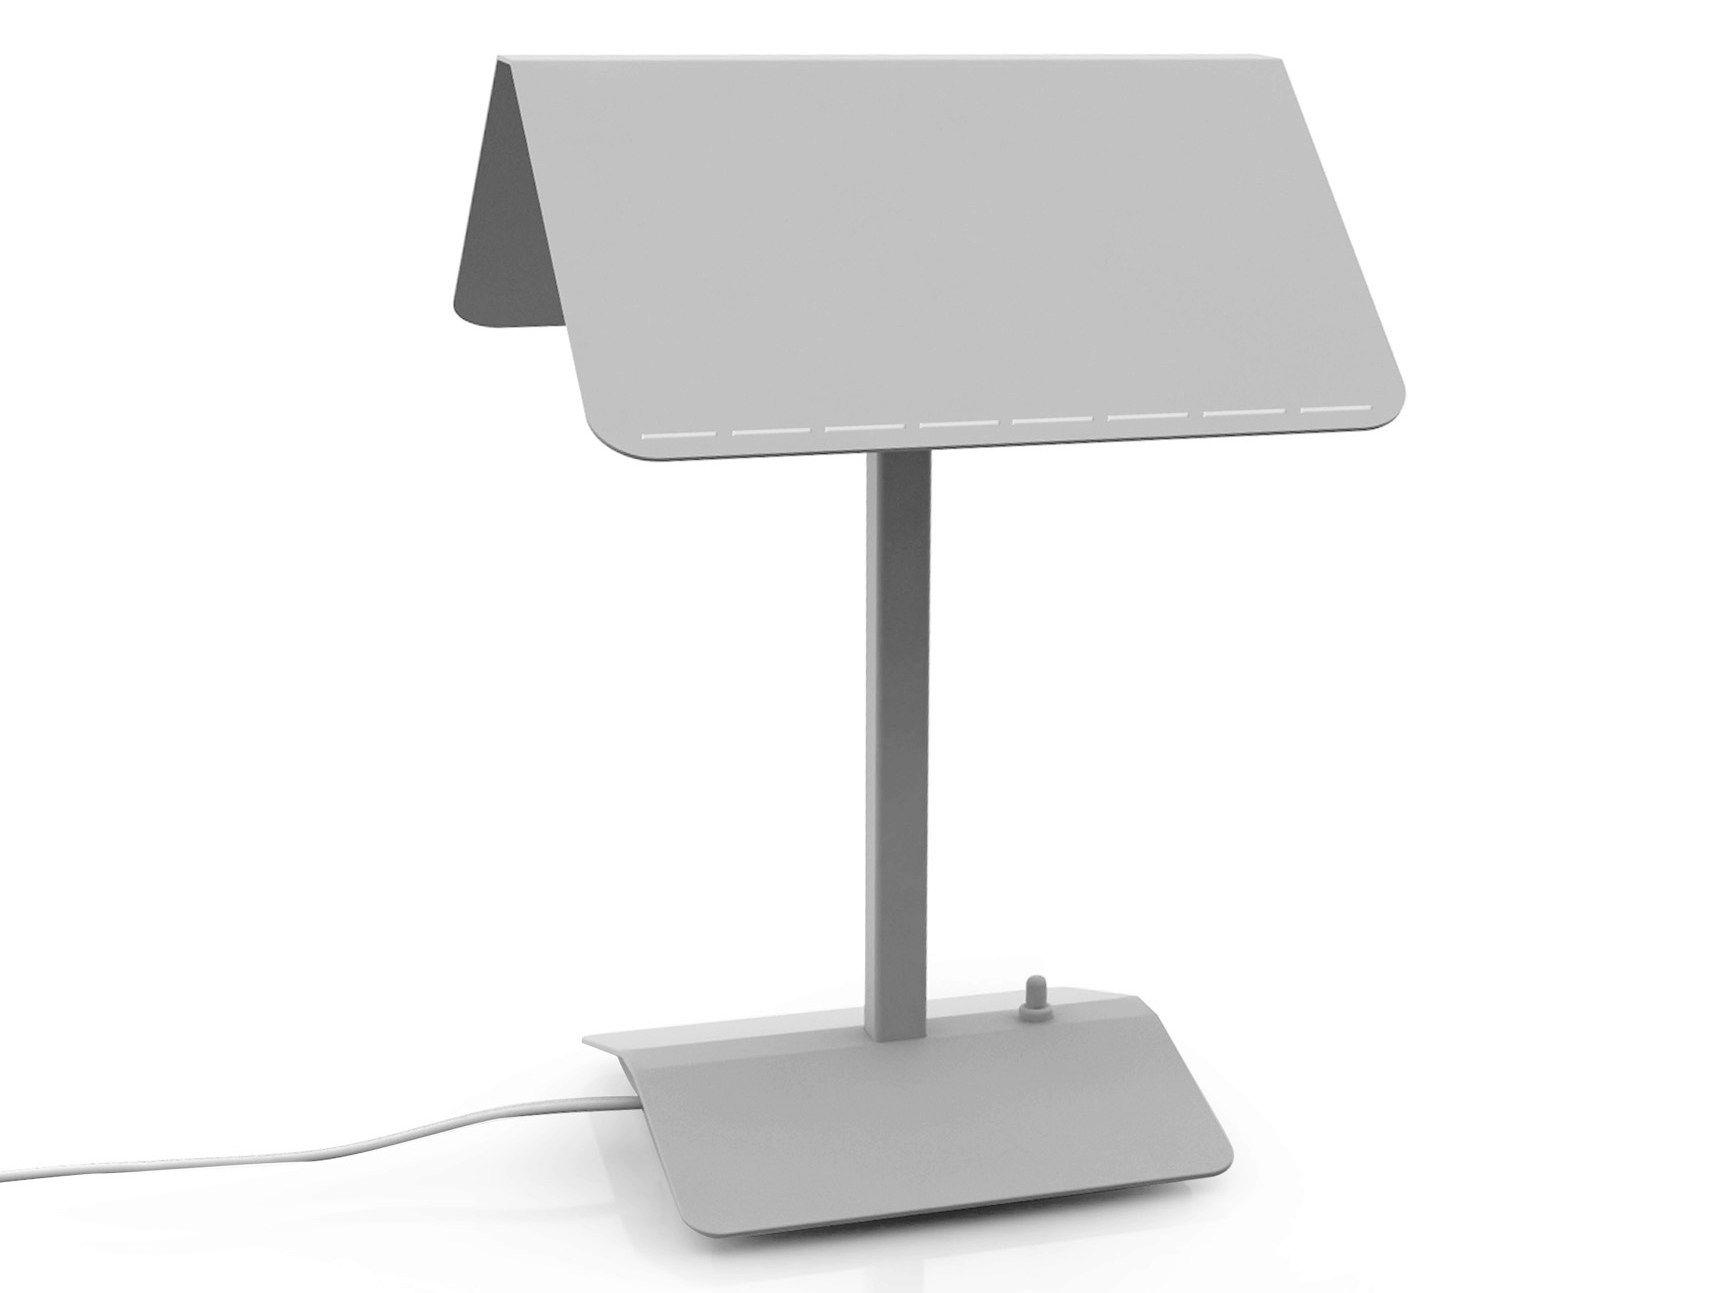 Lampada da tavolo a led in metallo segnalibro by martinelli luce design orlandini design - Lampada a led da tavolo ...